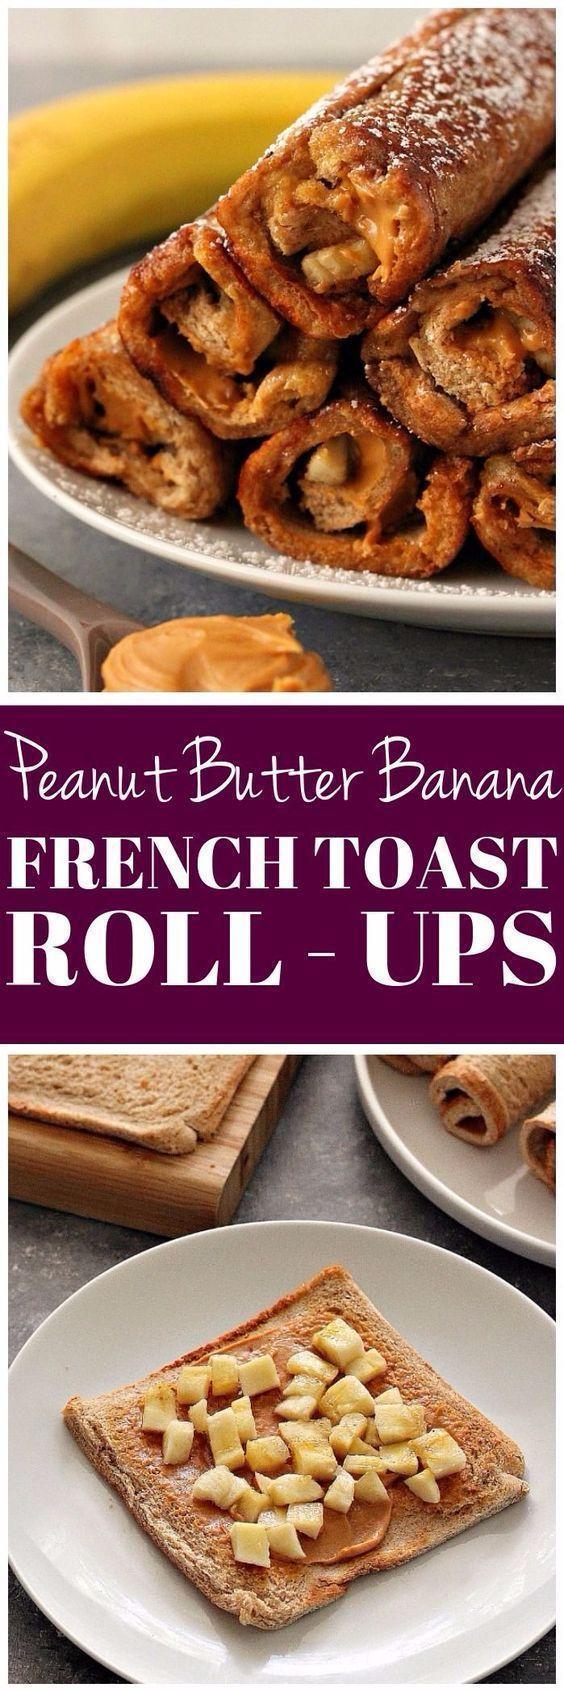 Peanut Butter Banana French Toast Roll Ups Recipe #frenchtoastrollups